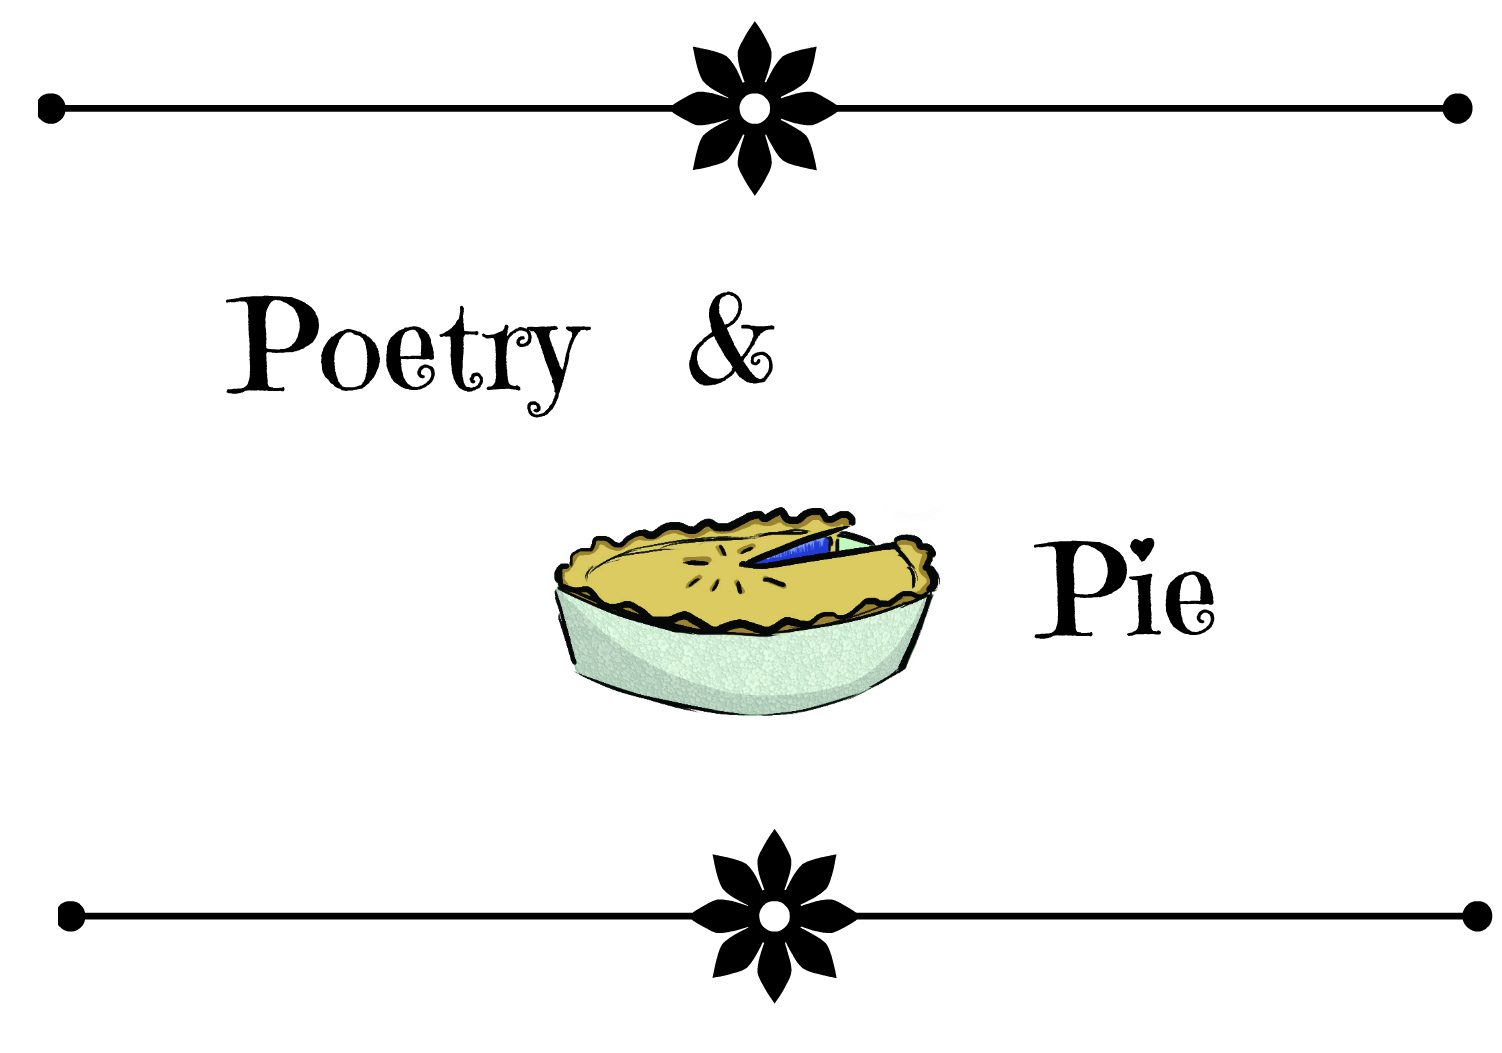 Poetry&Pie-header.jpg